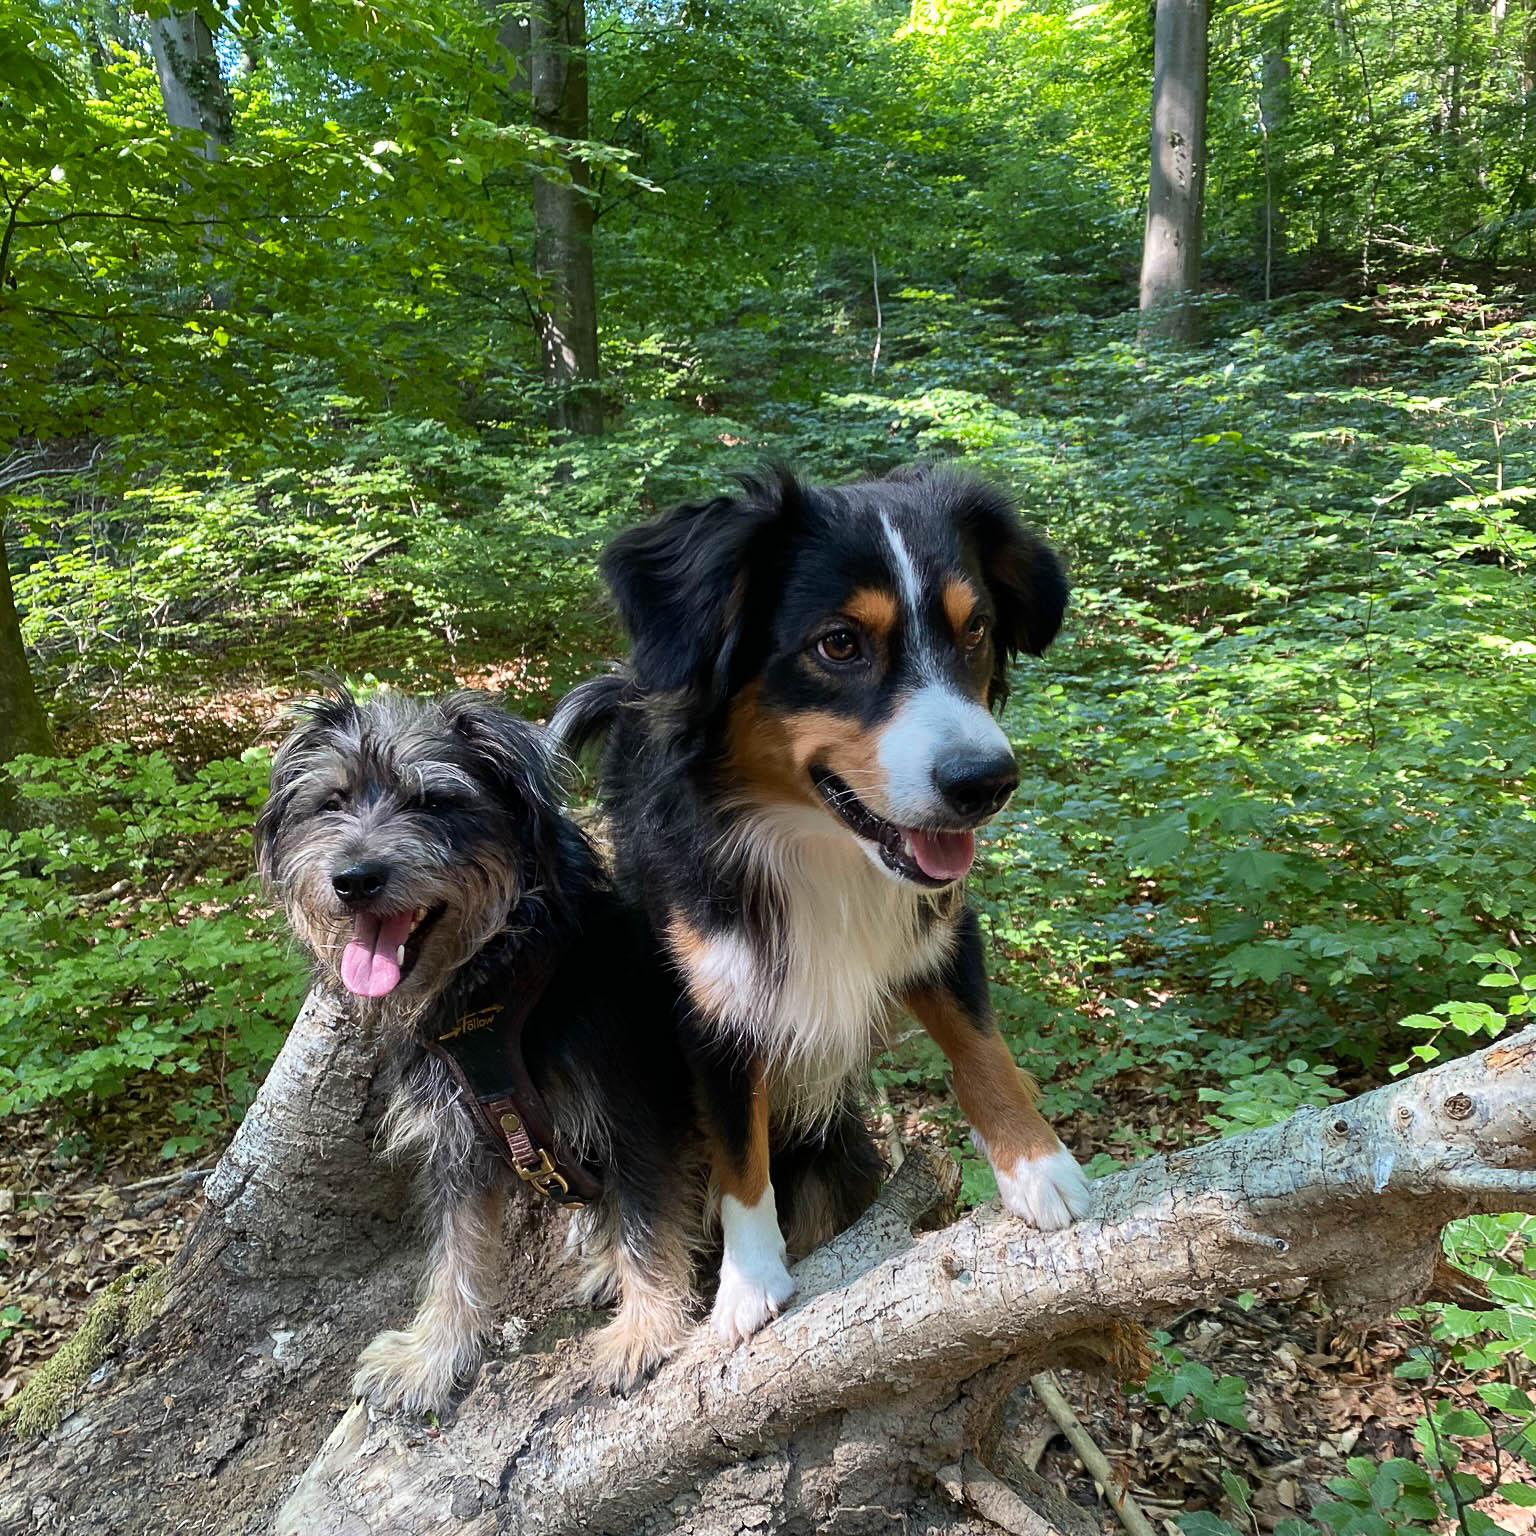 Zwei Hunde klettern auf einem Ast im Wald